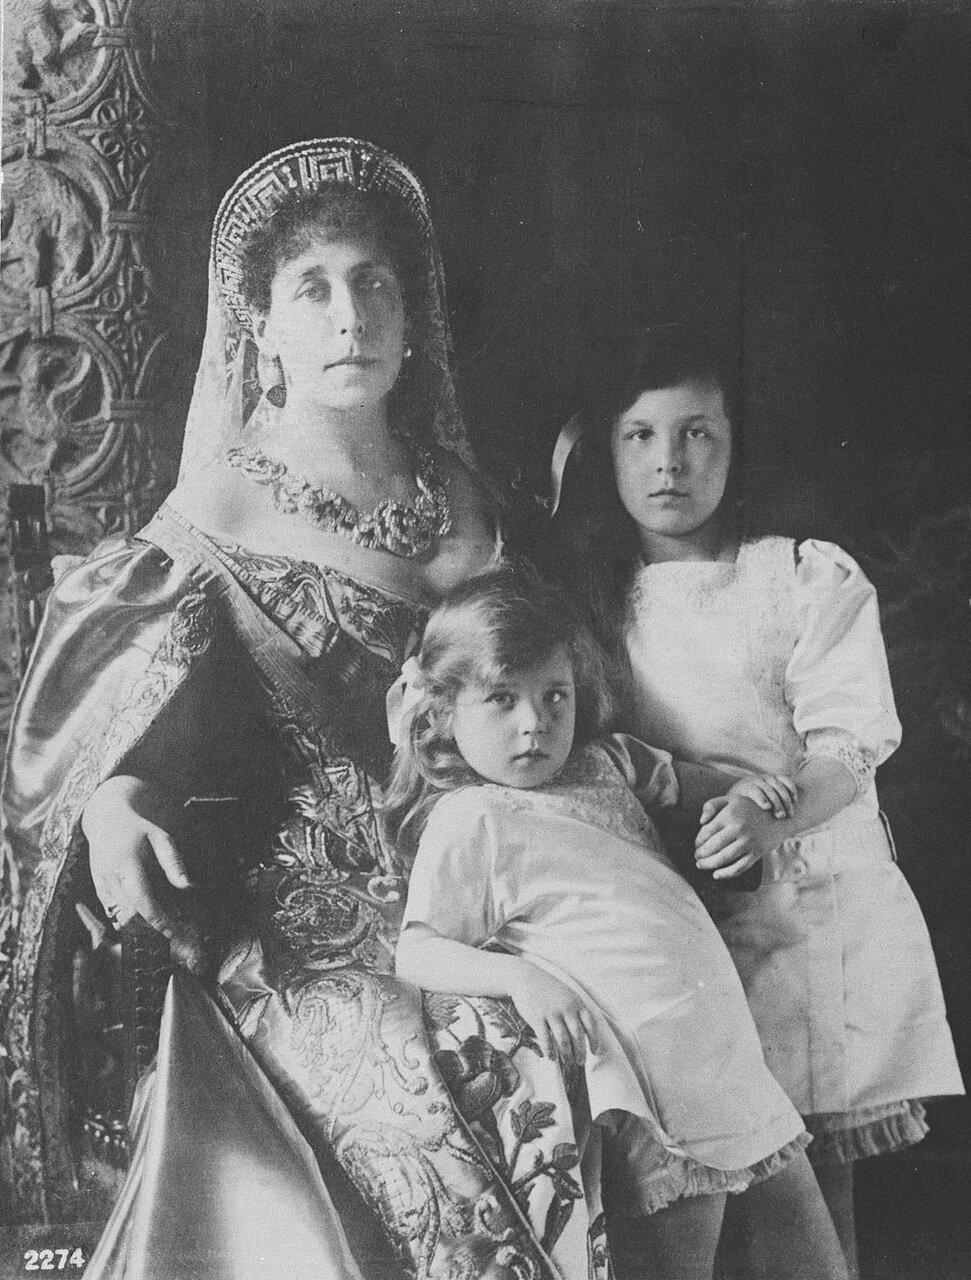 Великая княгиня Виктория Федоровна, супруга великого князя Кирилла Владимировича с дочерьми Марией и Кирой. 1913 г.